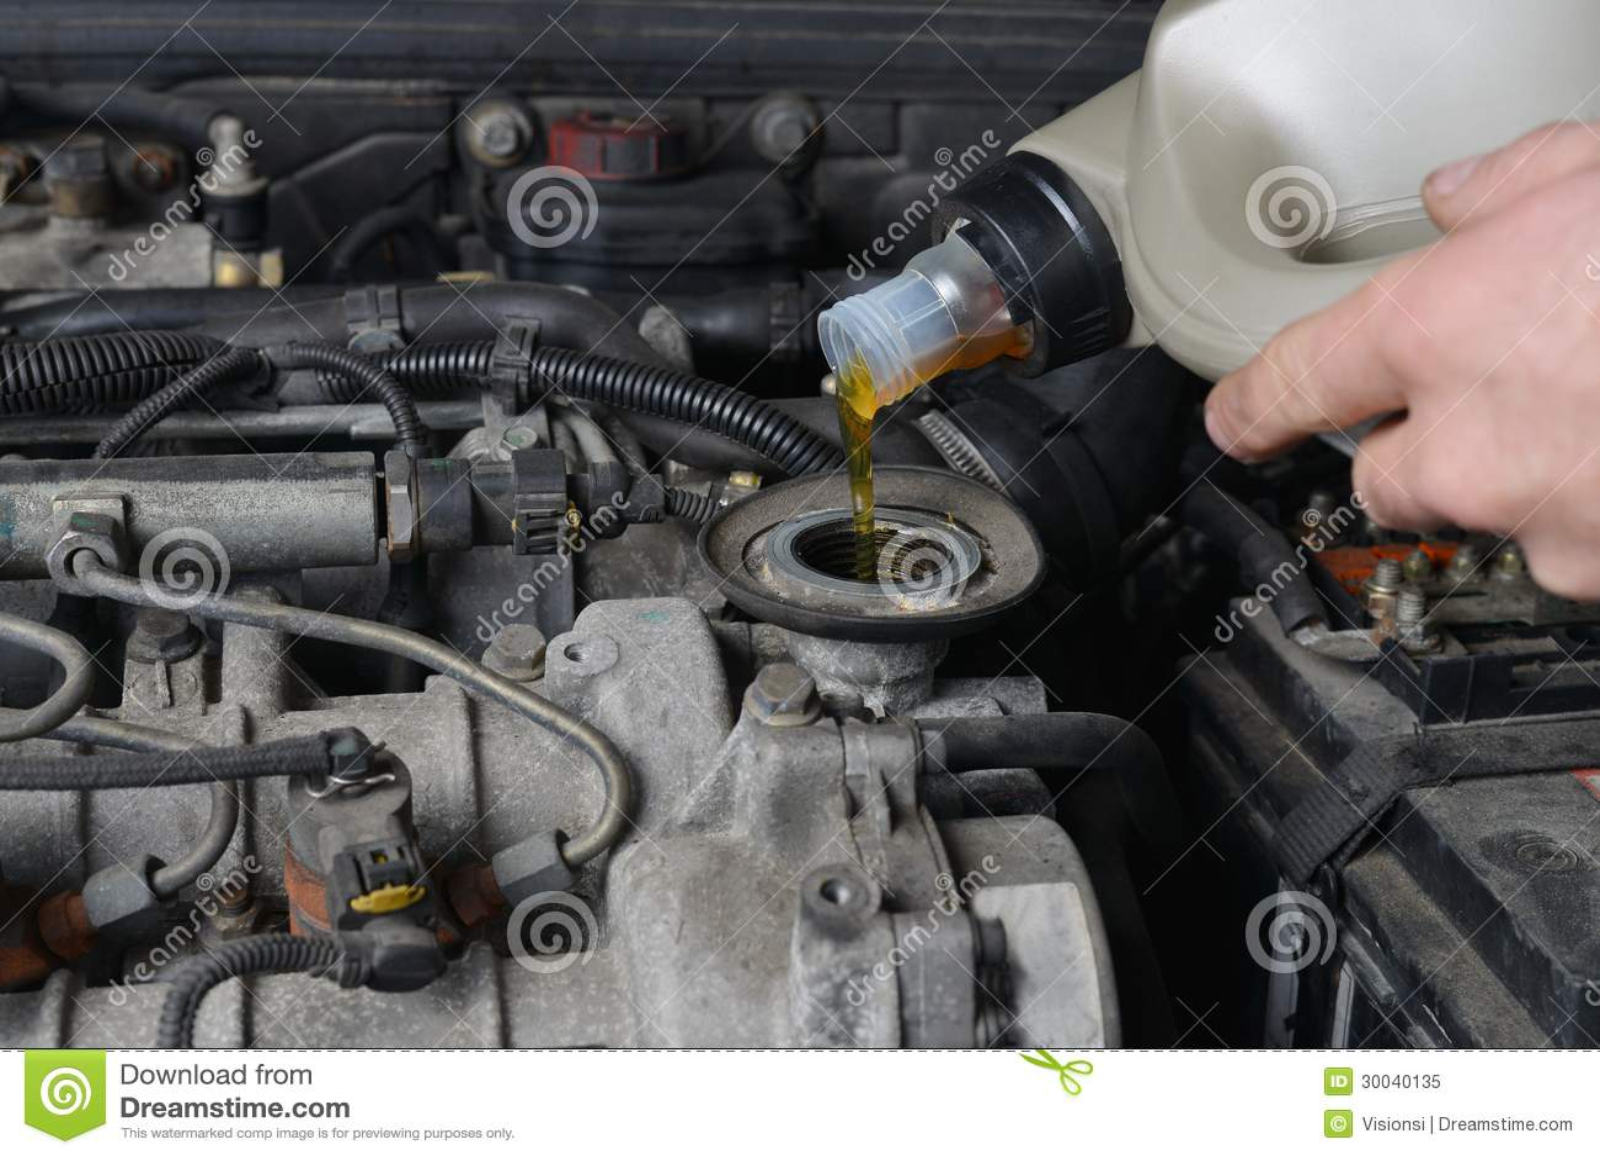 Ölwechsel